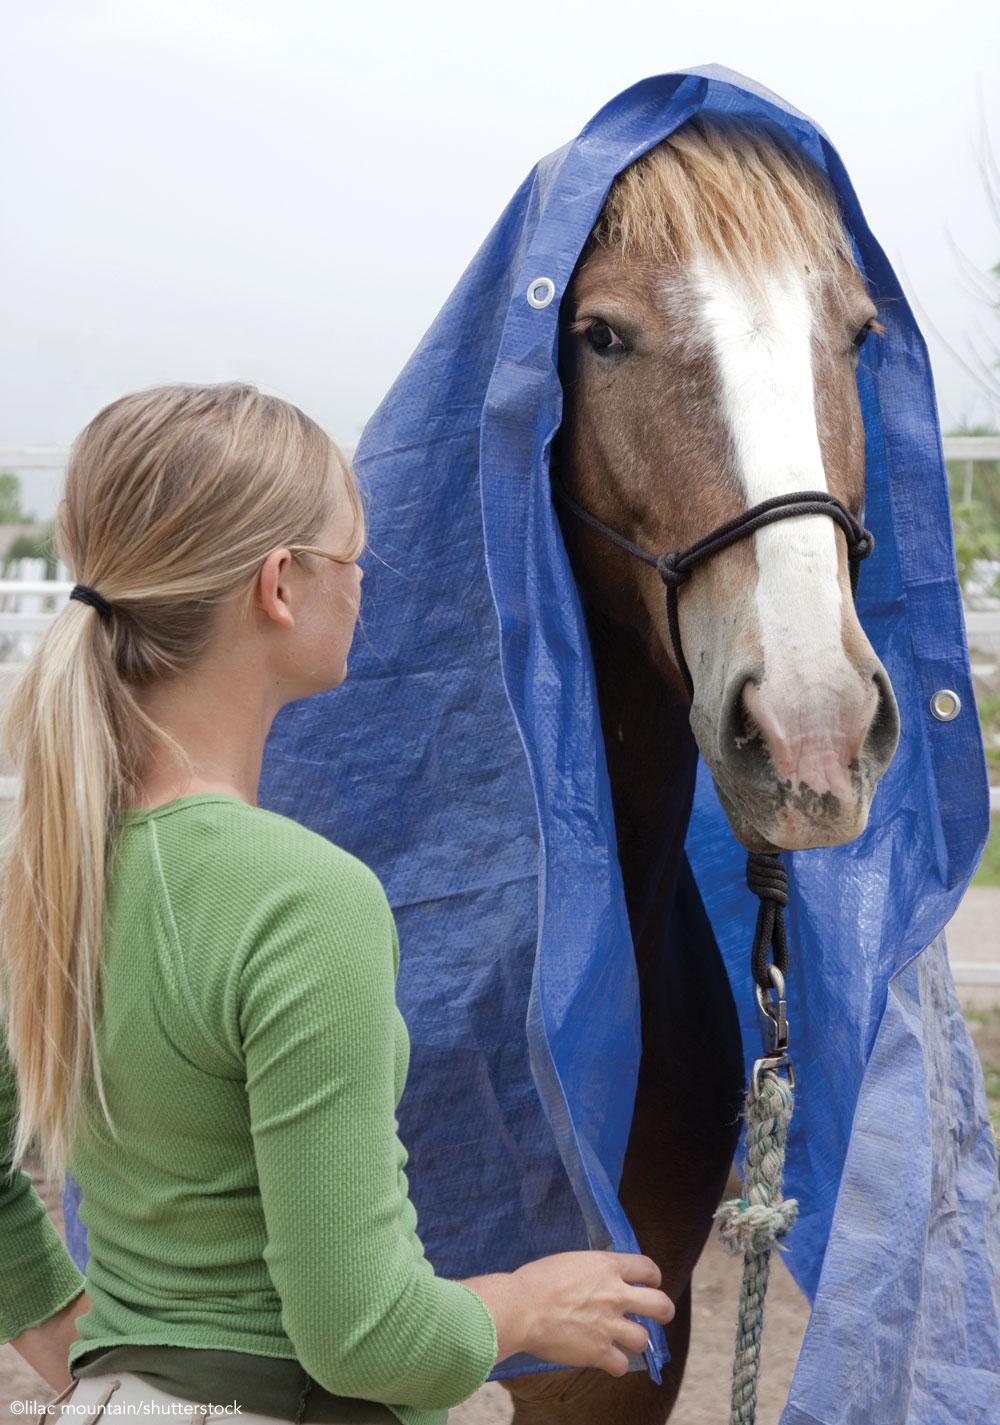 Horse wearing a tarp